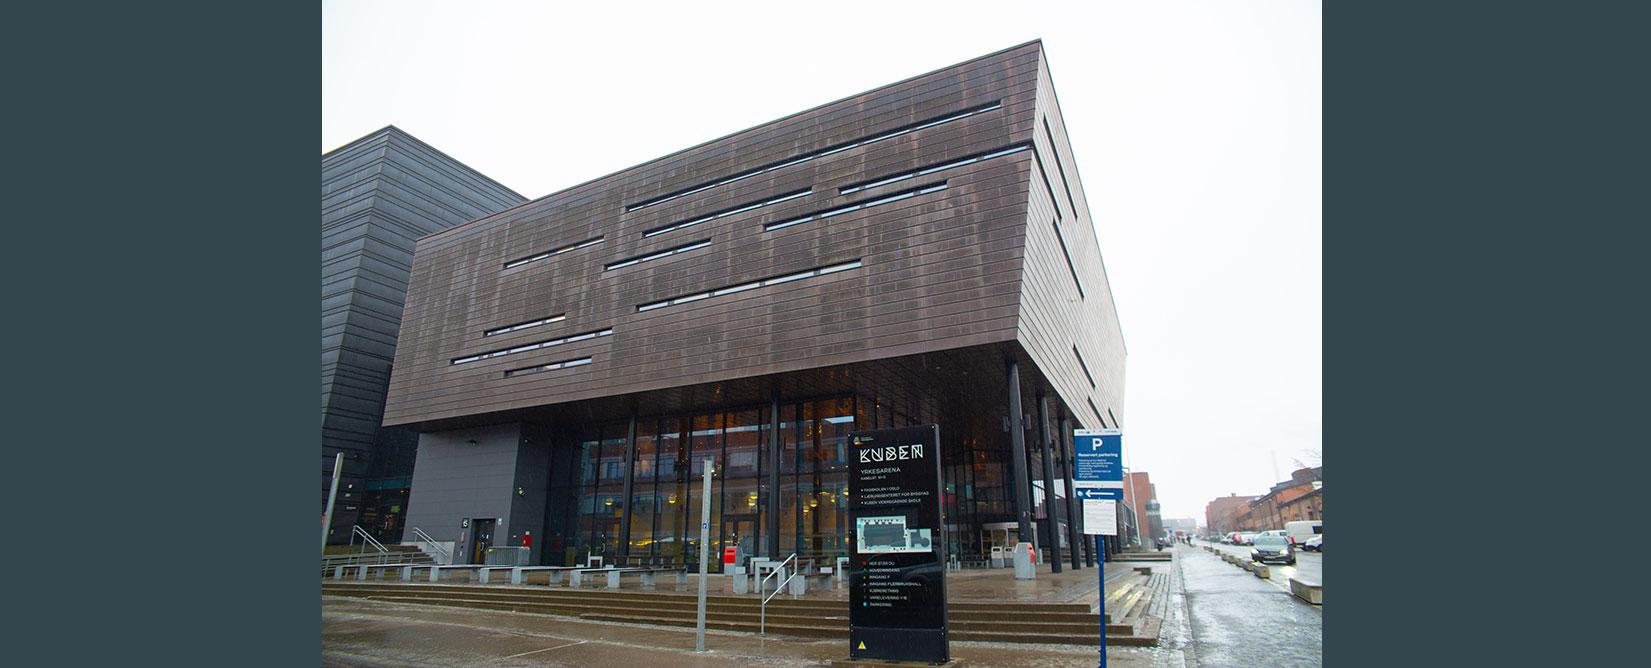 Fagskolen i Oslo, Kuben